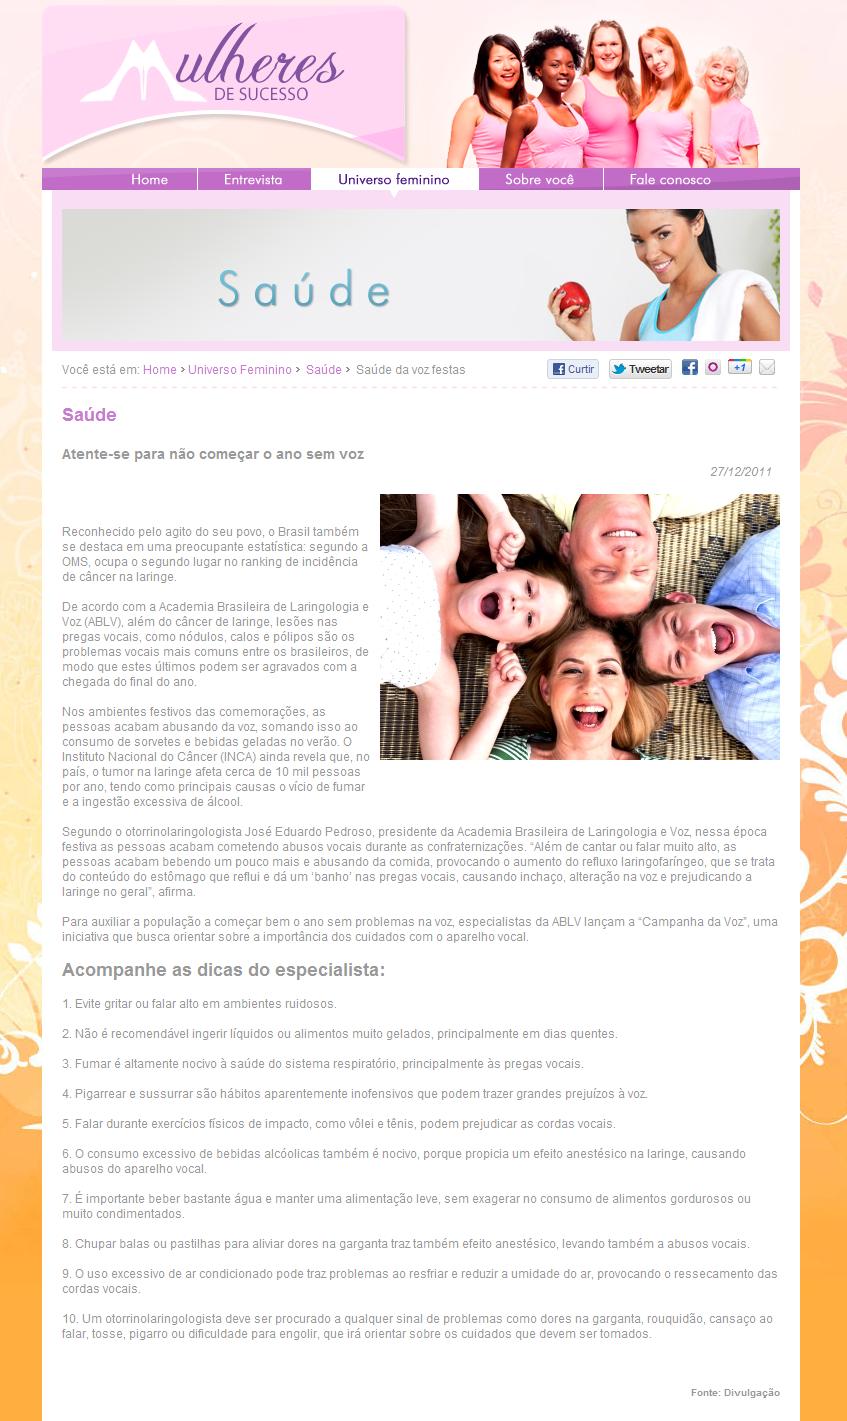 6-mulheres-de-sucesso-atente-se-para-nc3a3o-comec3a7ar-o20ano-sem-voz-27-12-2011-4973561